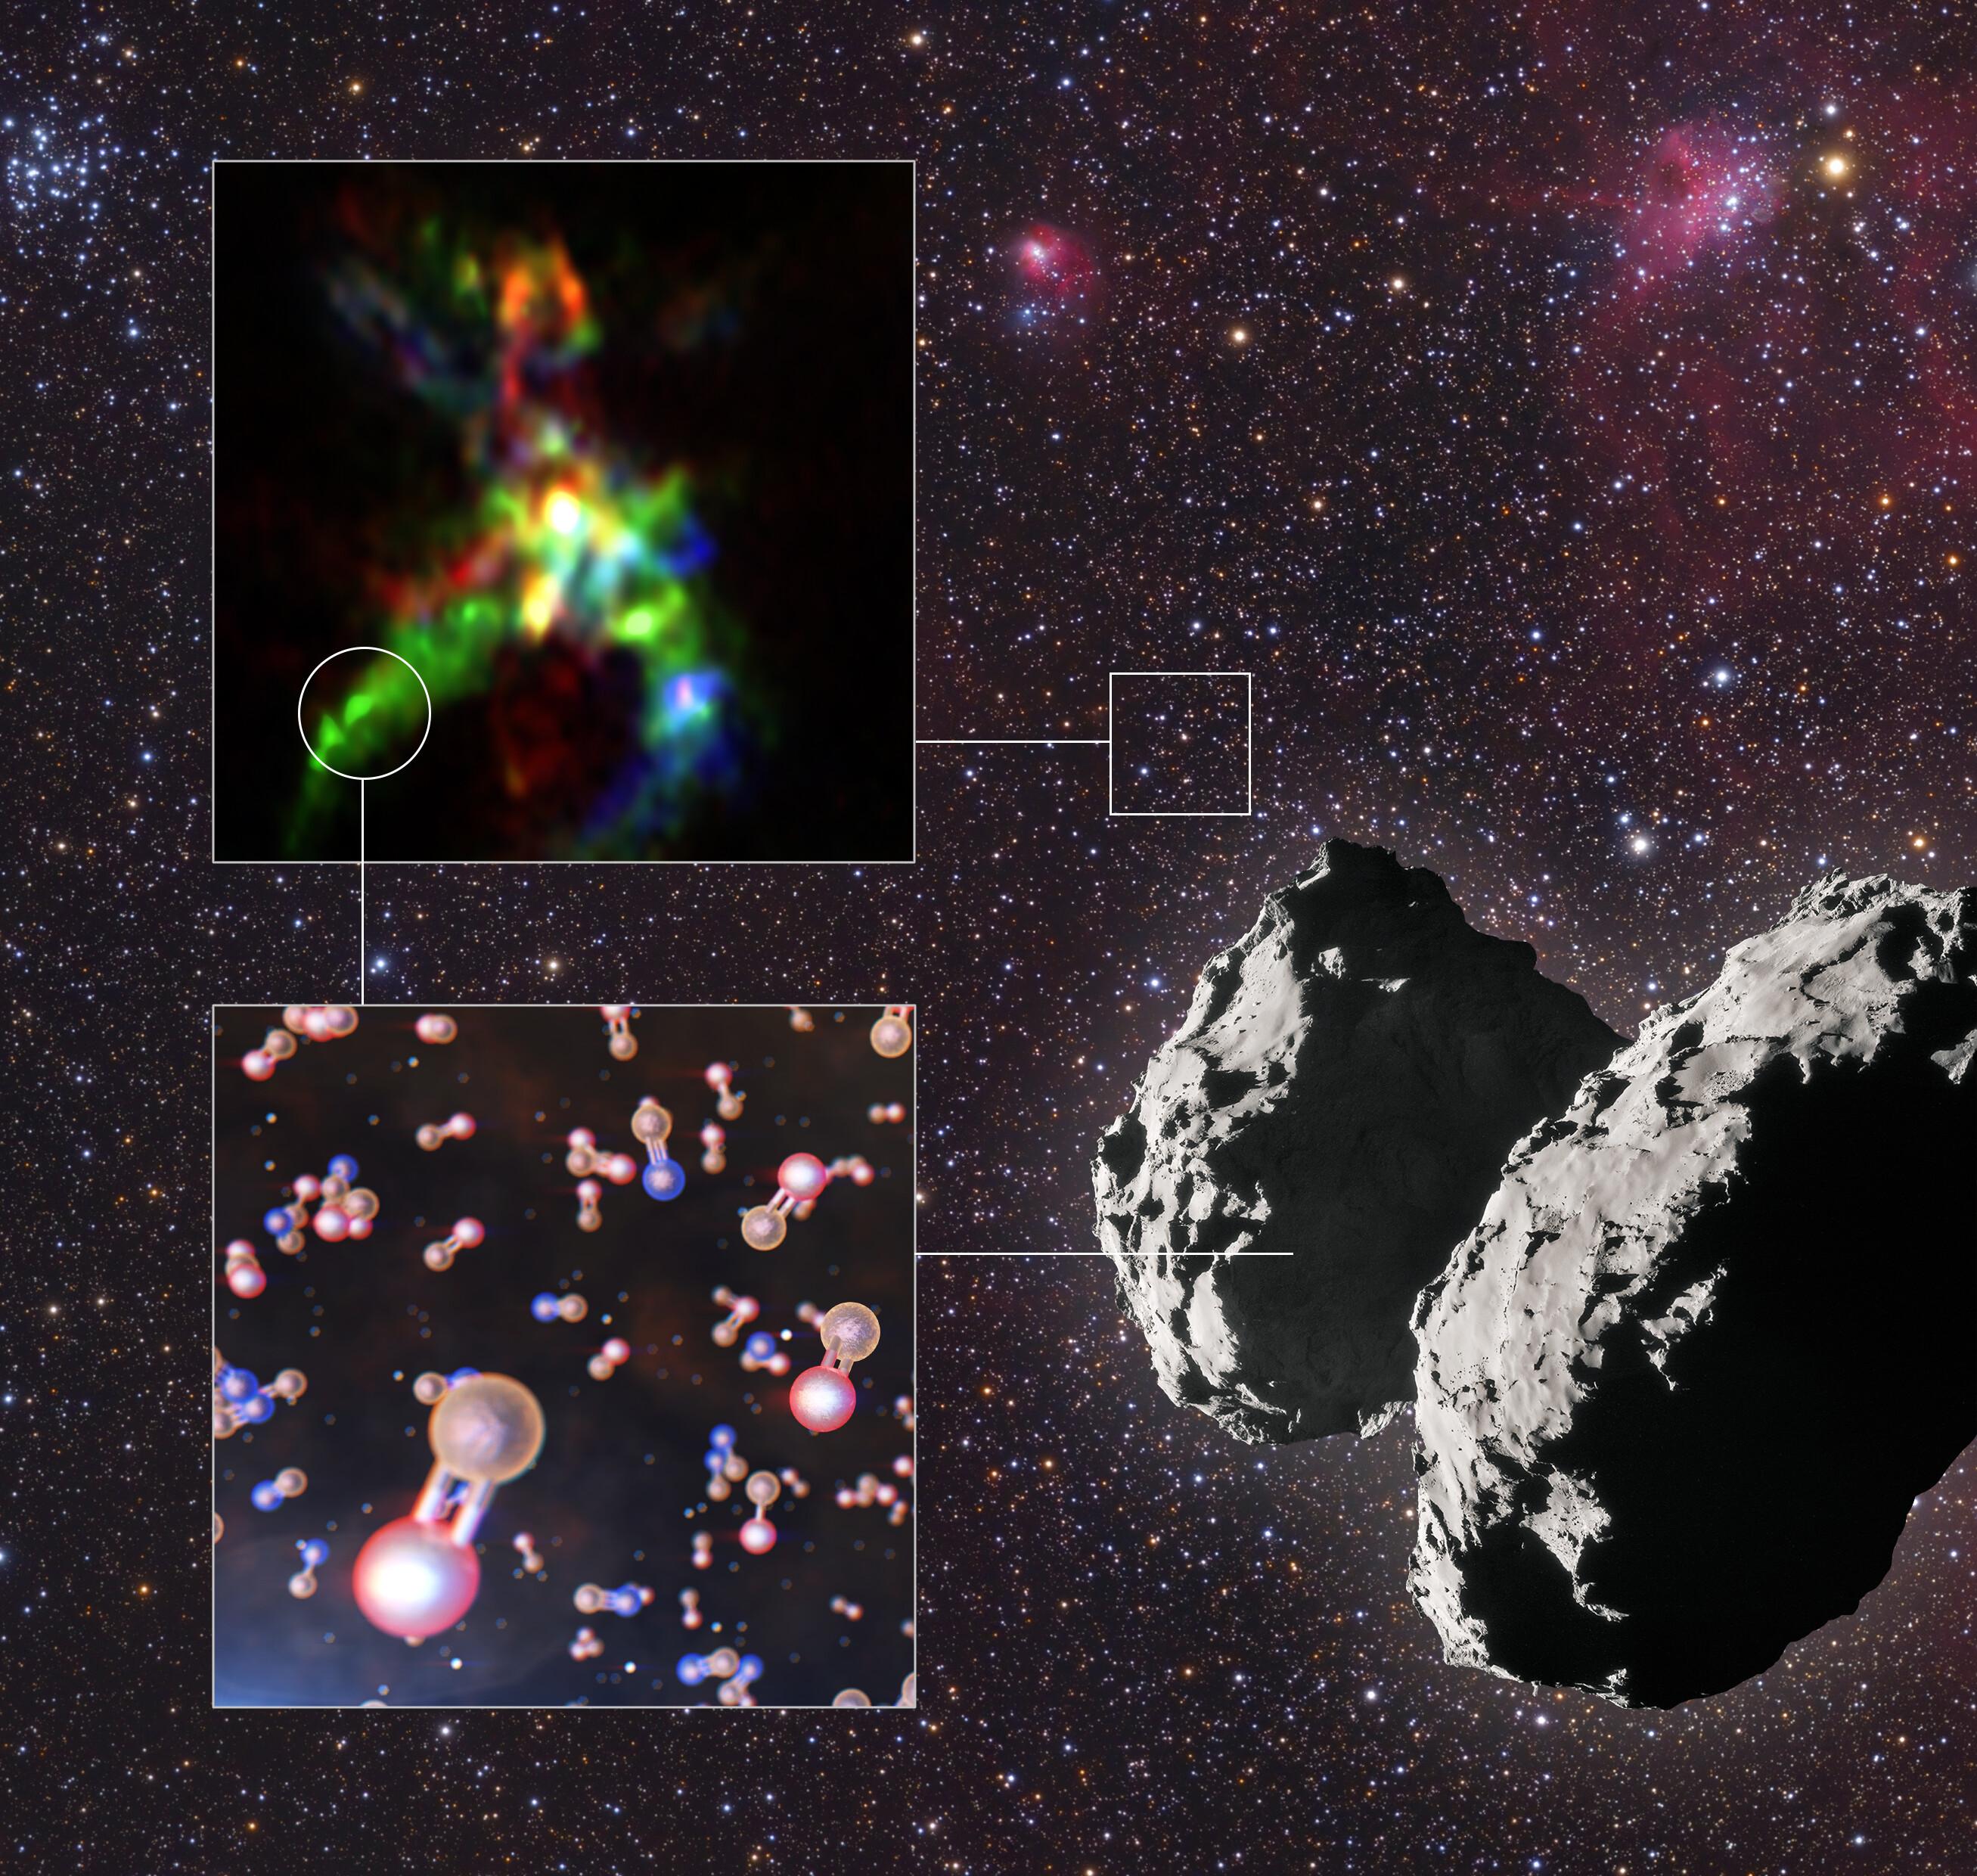 En la imagen se aprecia en la parte superior izquierda la región de formación de estrellas conocida como AFGL 5142 y dentro de un círculo rojo uno de los lugares donde se han encontrado moléculas de fósforo. En la parte inferior izquierda, representado en naranja y rojo, desvela la presencia de monóxido de fósforo. Otra molécula encontrada fue el nitruro de fósforo, representado en naranja y azul. Crédito: ALMA (ESO/NAOJ/NRAO), Rivilla et al.; ESO/L. Calçada; ESA/Rosetta/NAVCAM; Mario Weigand.